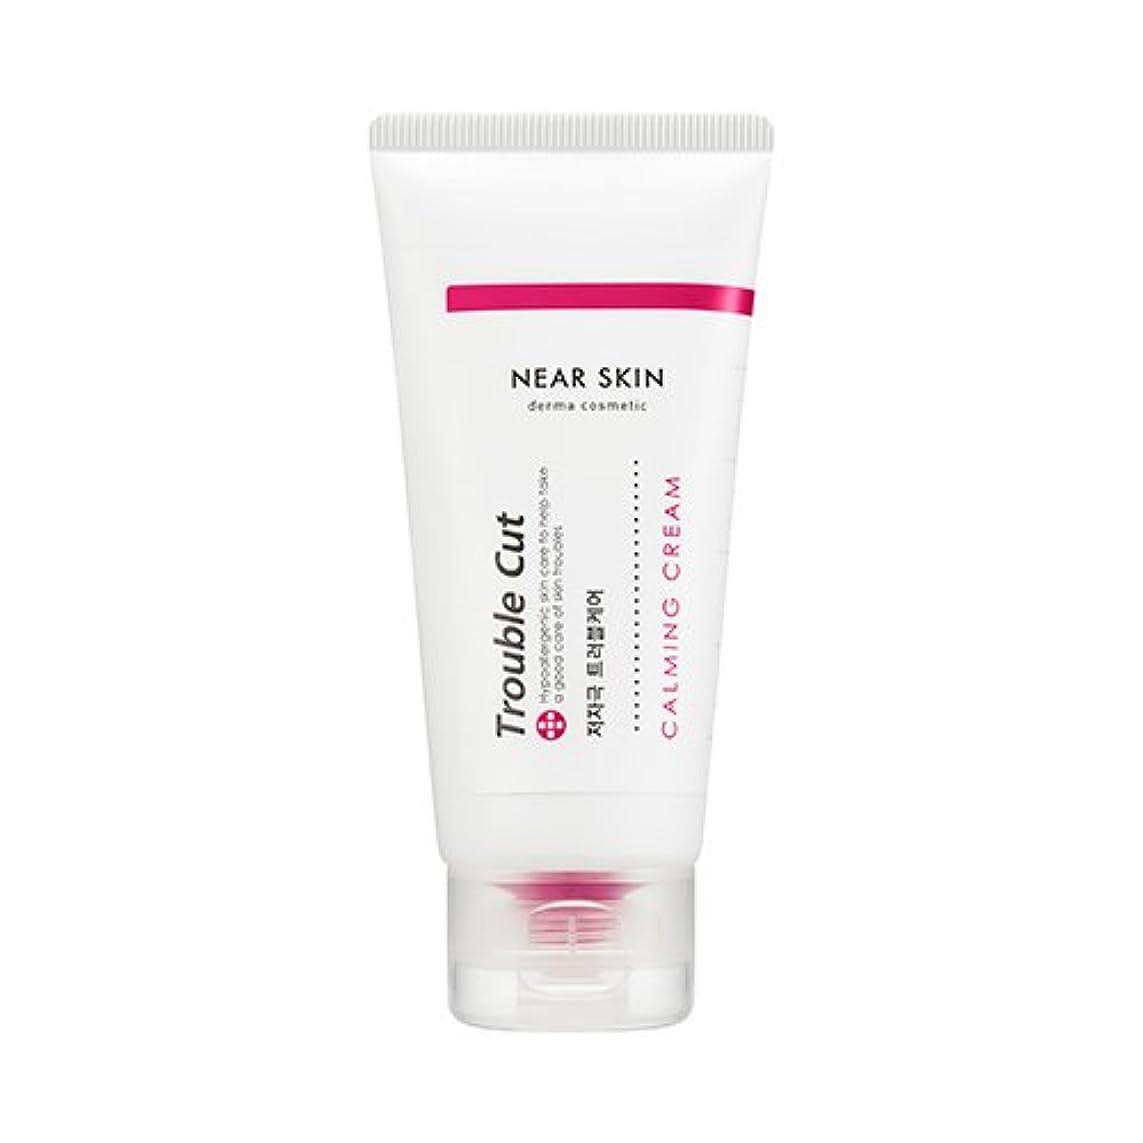 批判する群がる恐竜MISSHA [Near Skin] Trouble Cut Calming Cream 20ml / ミシャ ニアスキン トラブルカットカミングクリーム [並行輸入品]